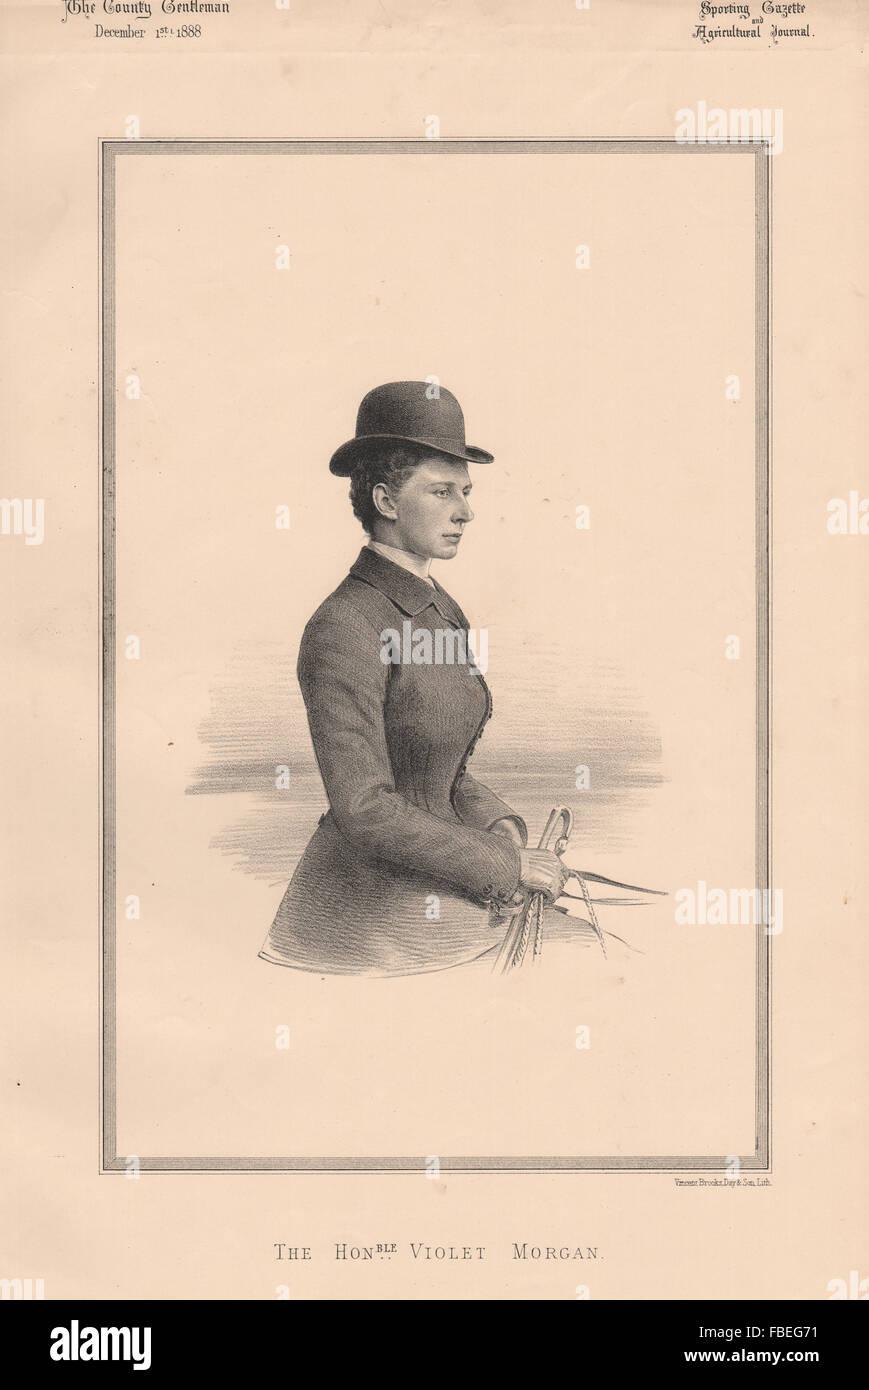 La onorevole Morgan viola, antica stampa 1888 Immagini Stock